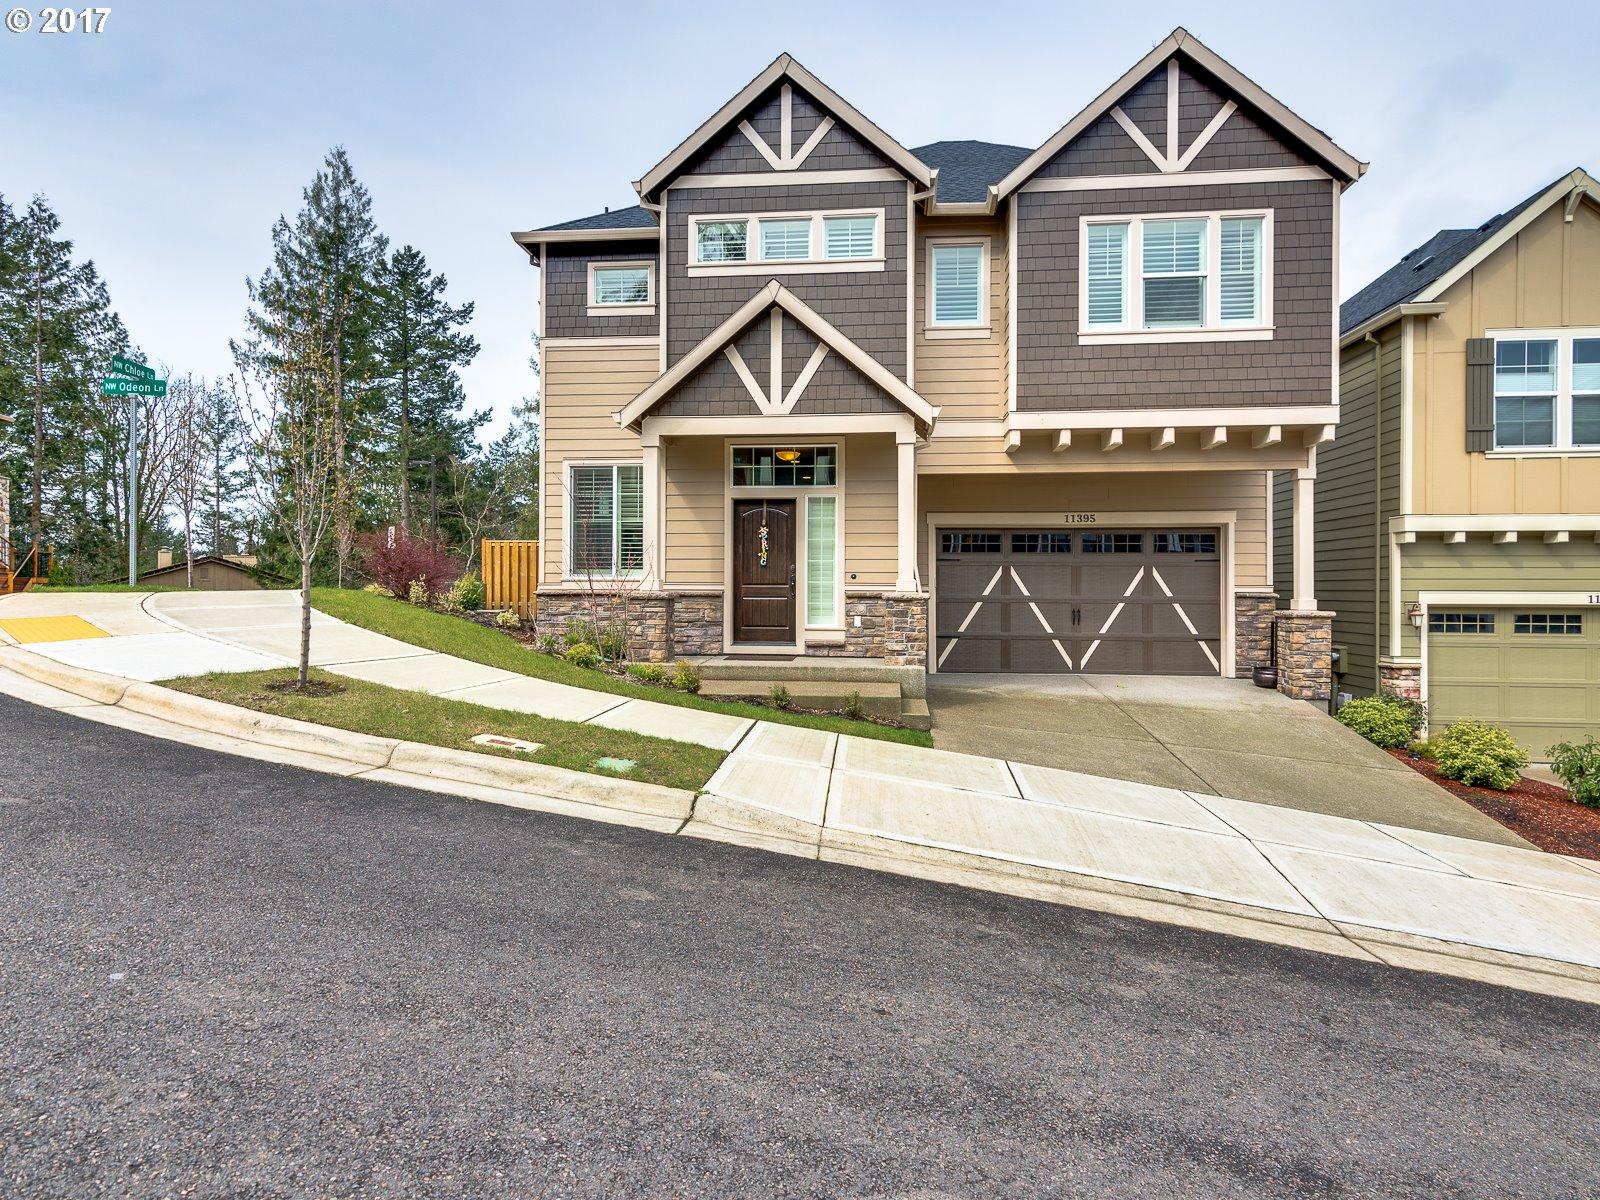 11395 NW ODEON LN, Portland, OR 97229